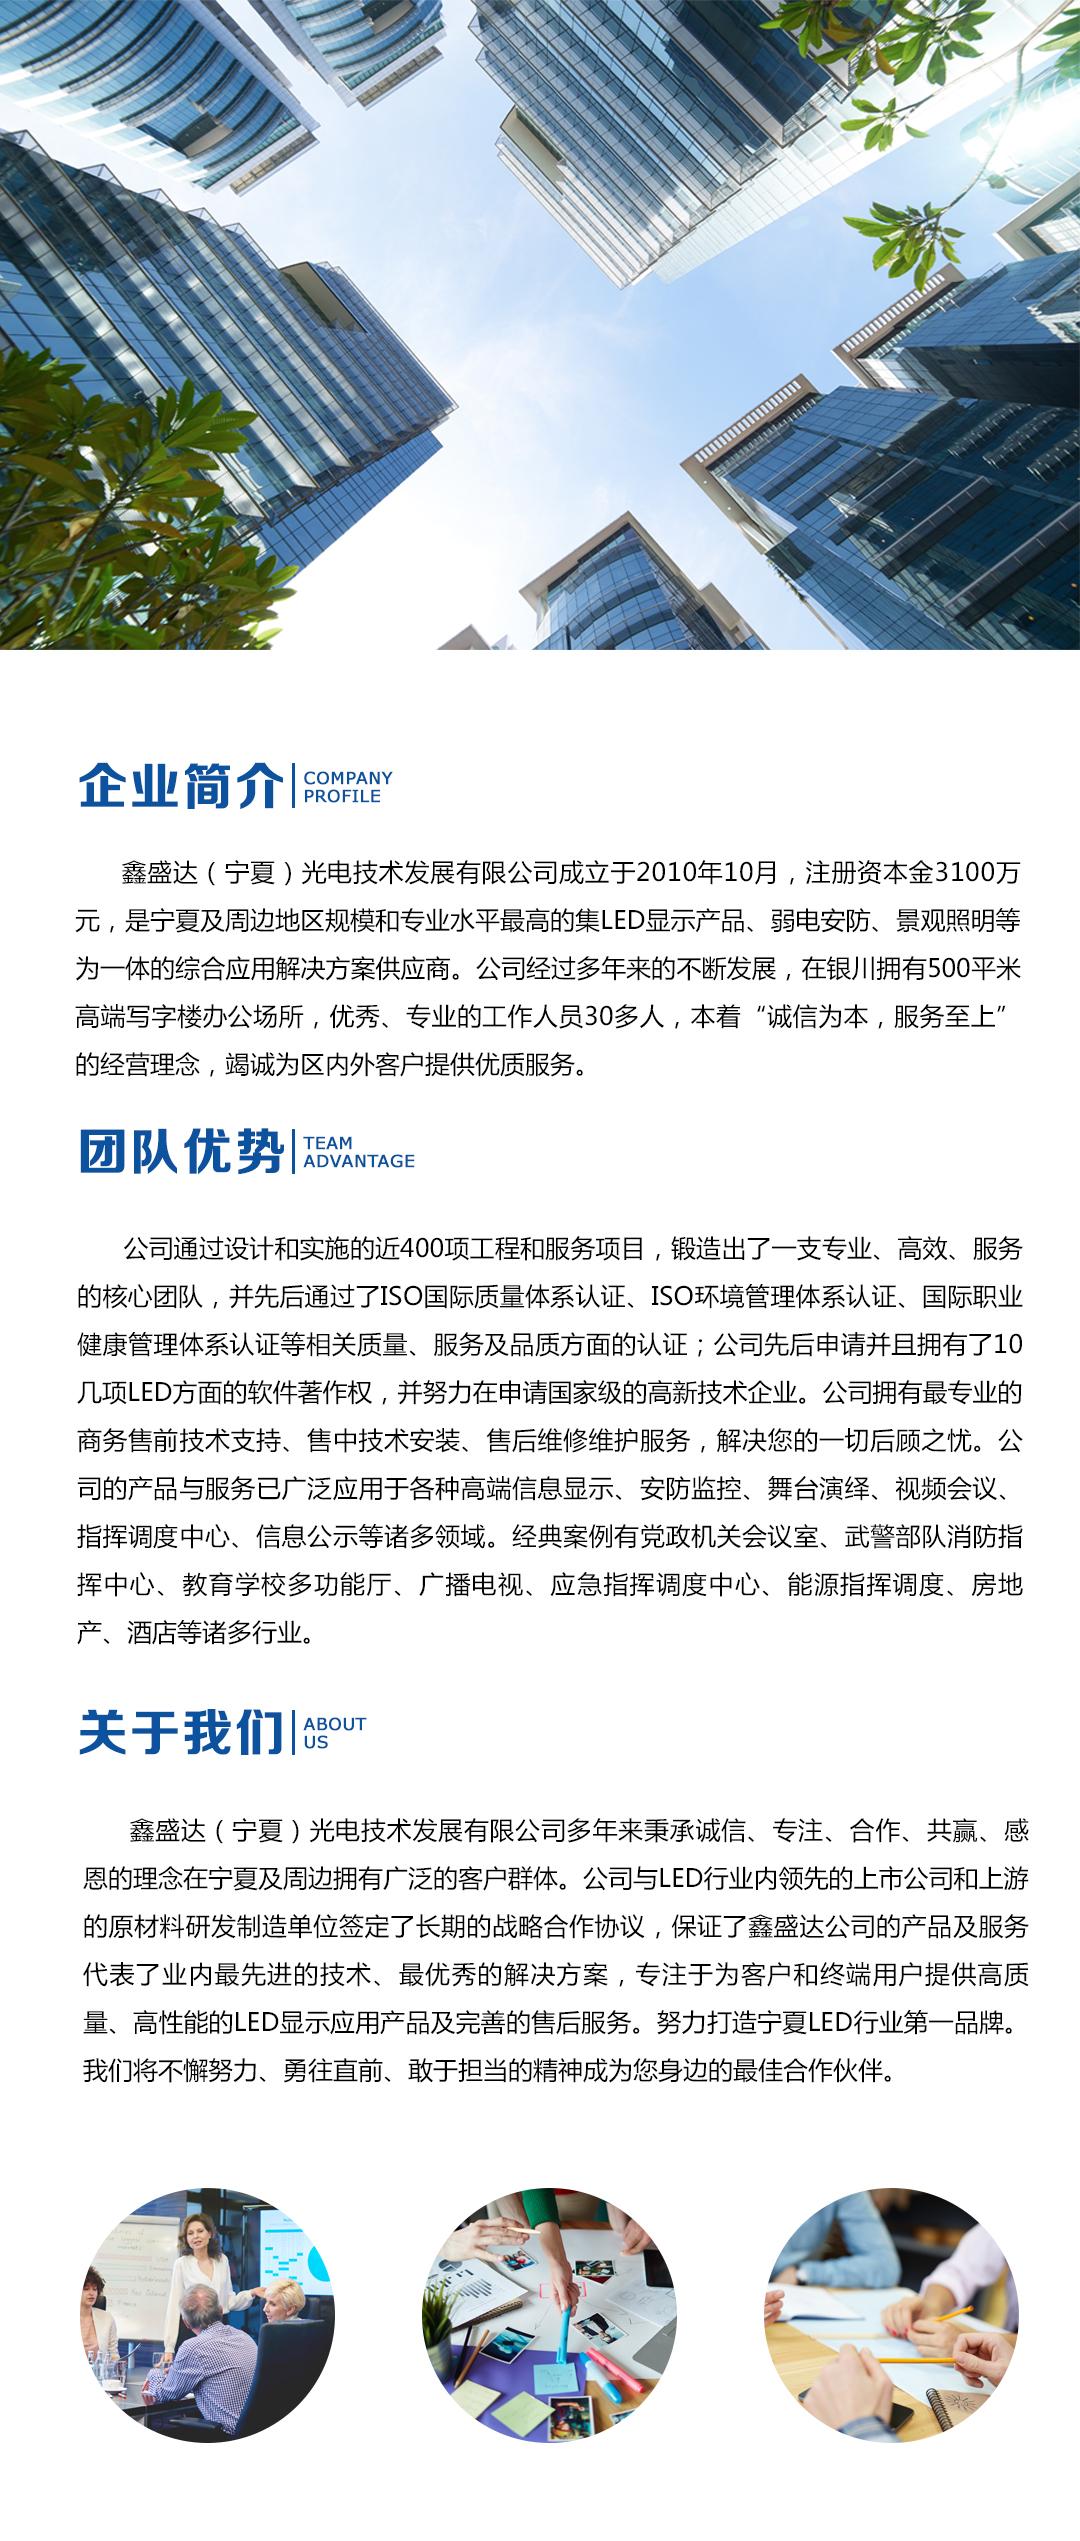 網站公司簡介改.jpg